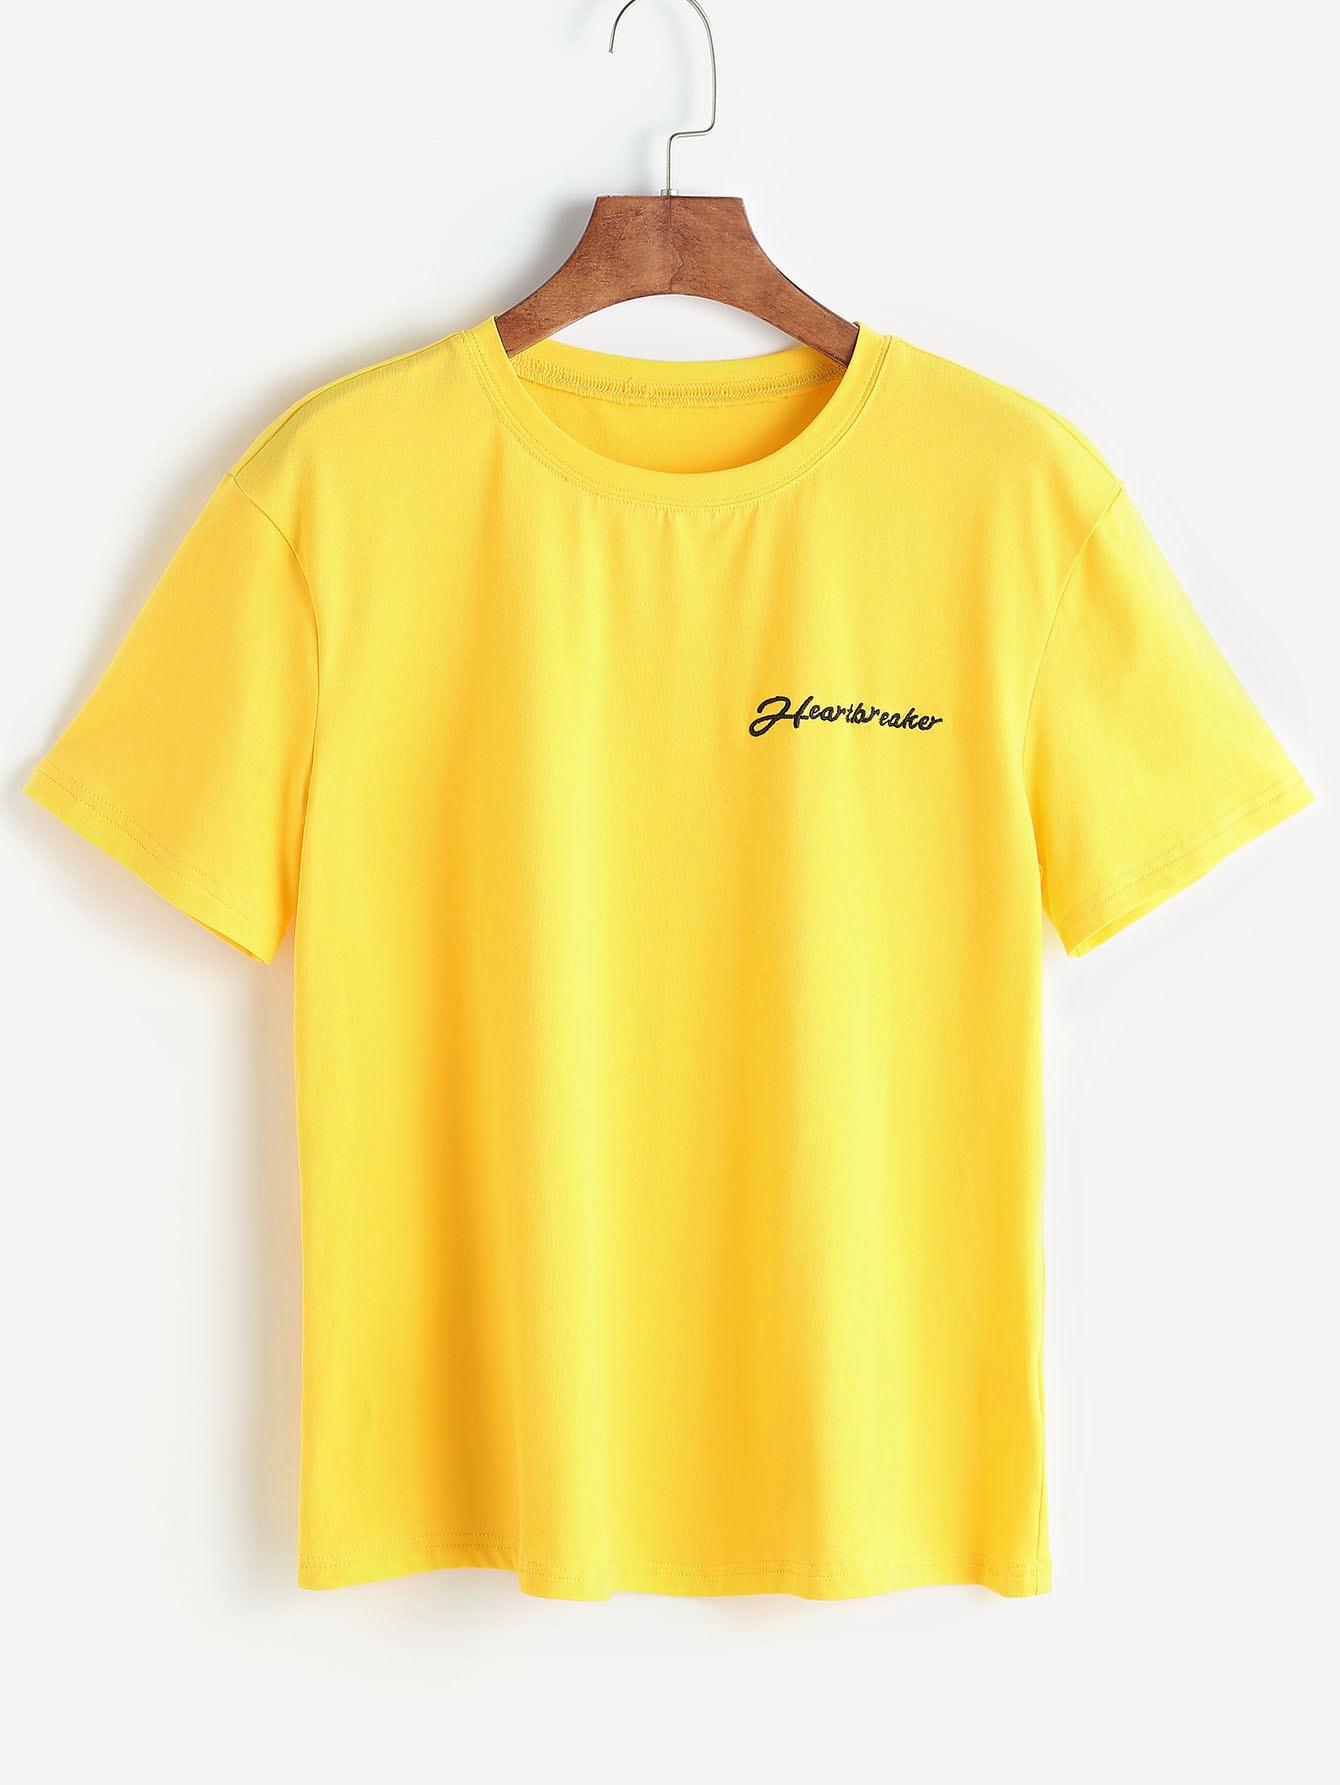 Купить Жёлтая модная футболка с текстовым принтом, null, SheIn